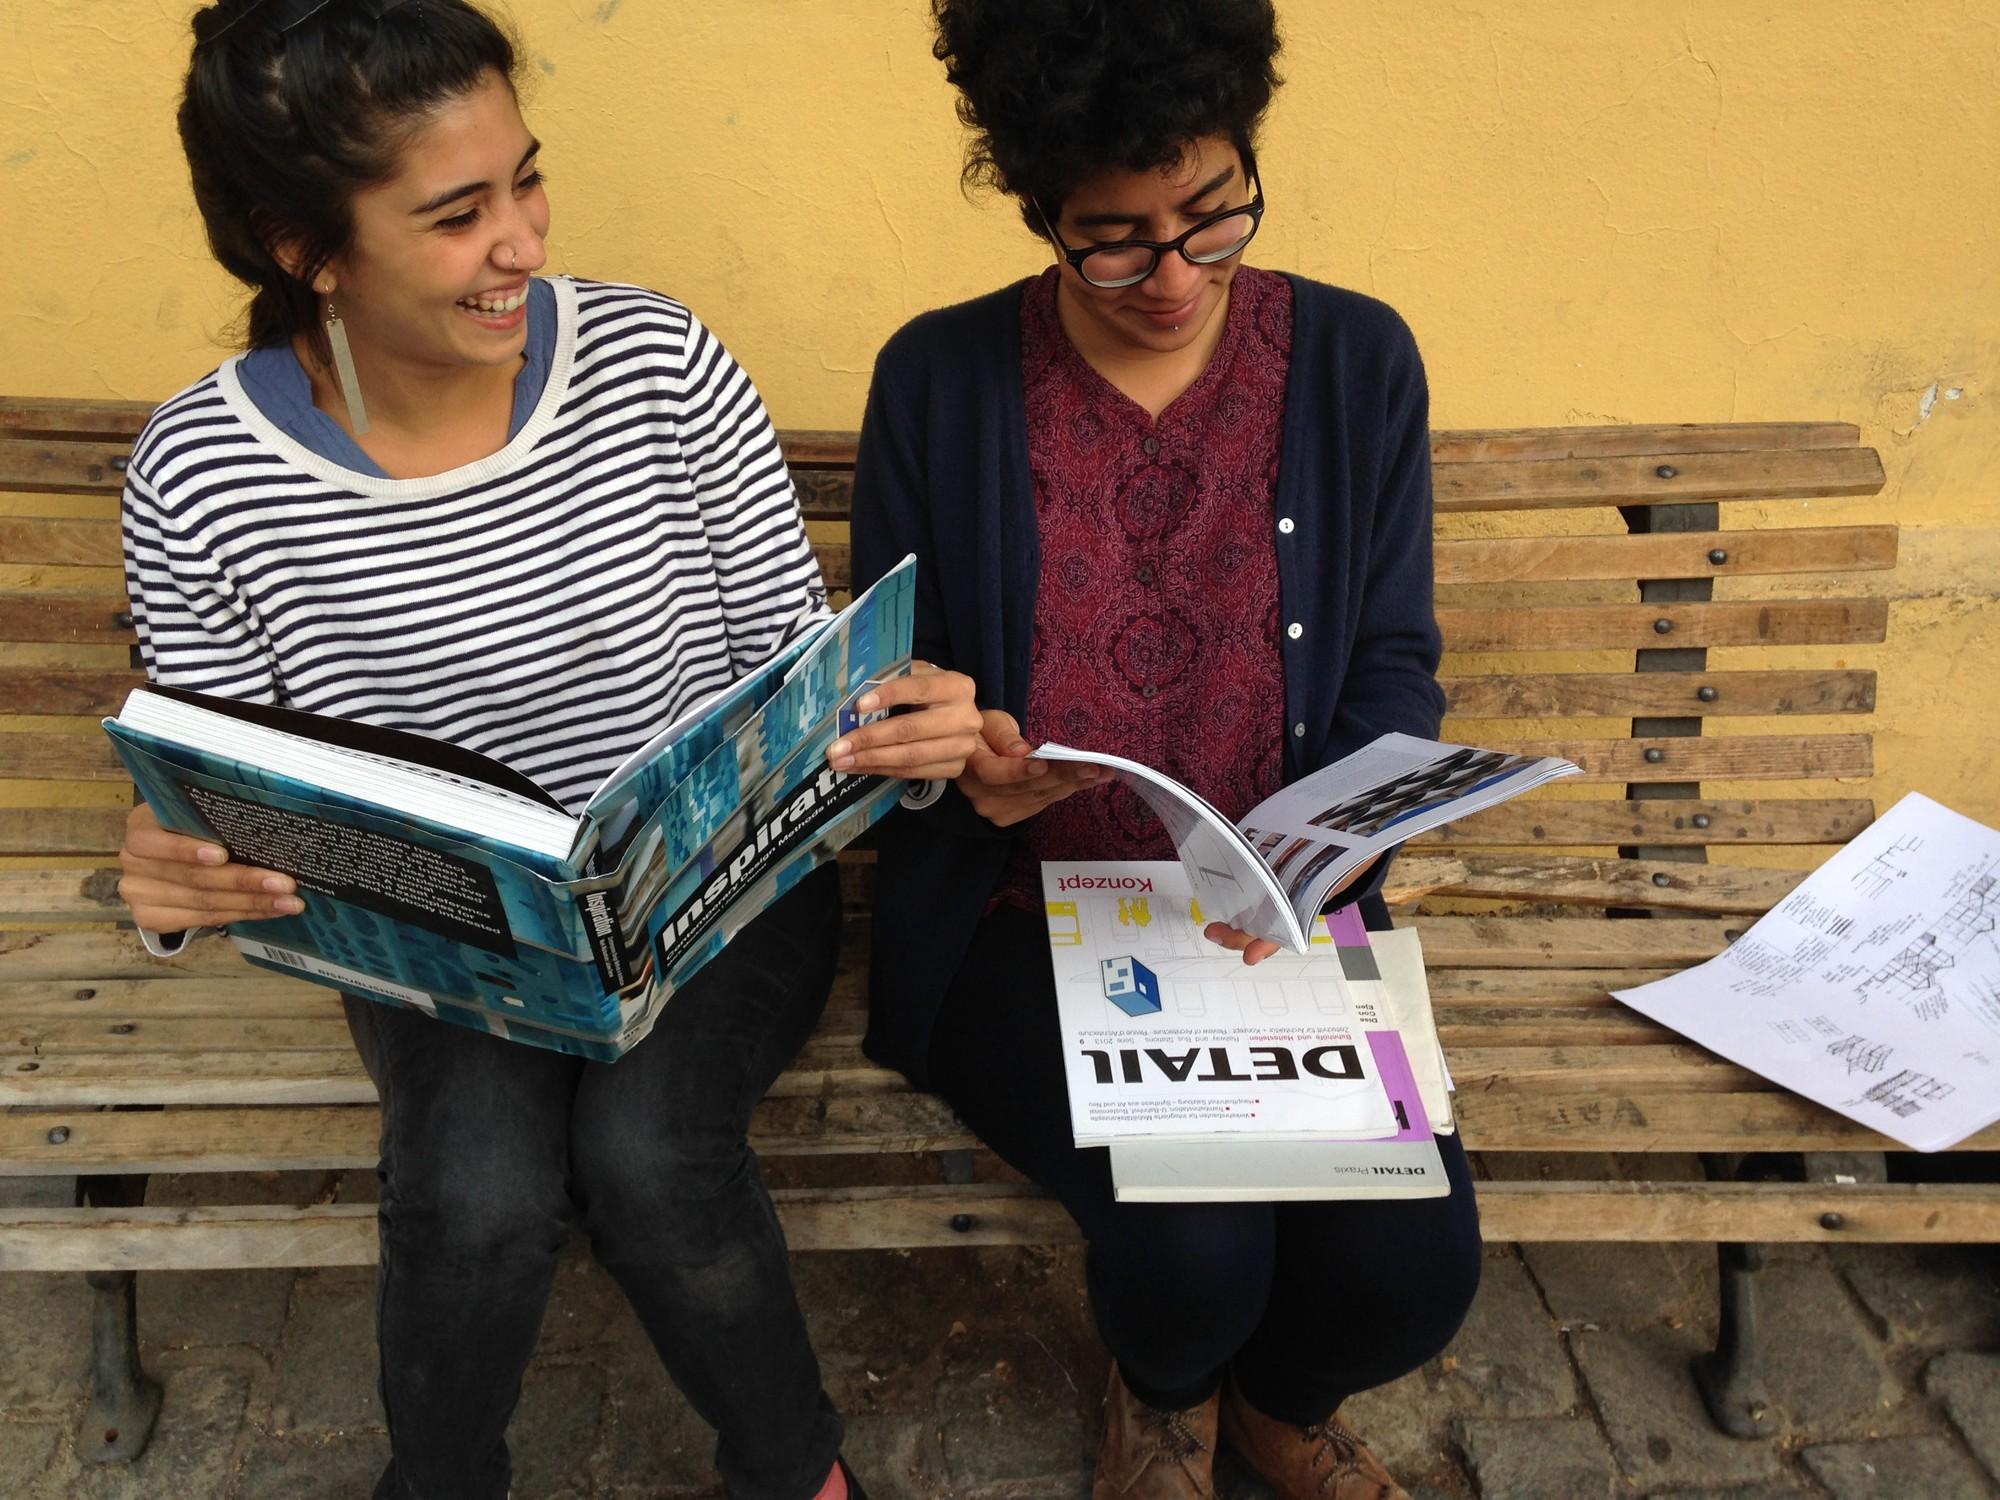 #BiblioParq: Seguimos compartiendo la Biblioteca de Plataforma Arquitectura